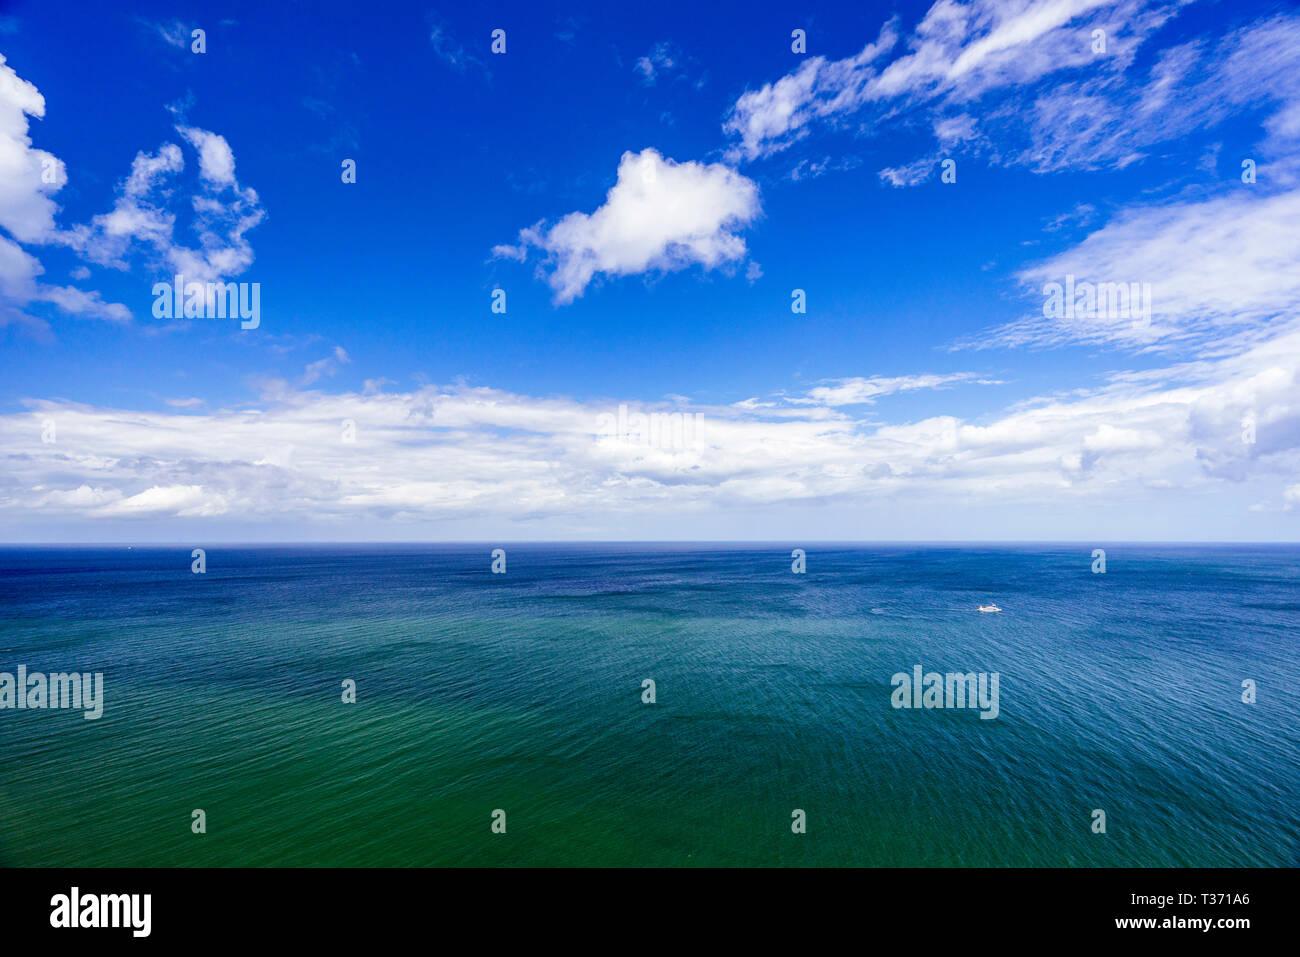 Ostsee, Meer, schiff, schifffahrt, wolken himmel, blau, wasser, wellen landschaft, see, natur, idzllisch, copy space, textfreiraum, sommer - Stock Image